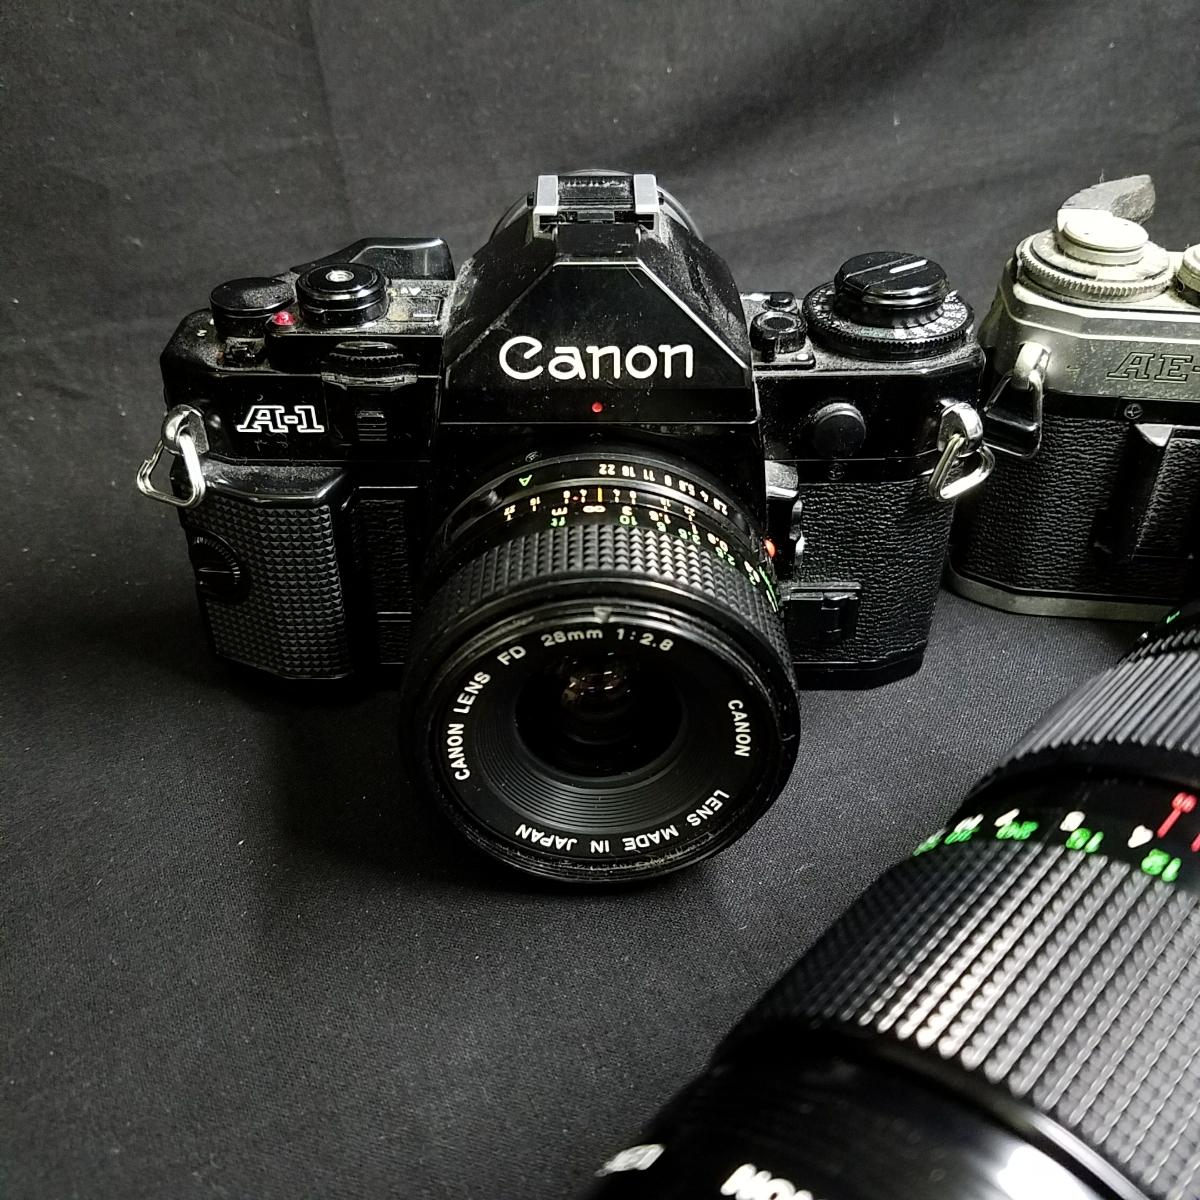 カメラ 光学機器 一眼レフ アンティークカメラ フィルムカメラ プロ仕様 キャノン CANON A-1 AE-1 レンズ 望遠  s-0005_画像4